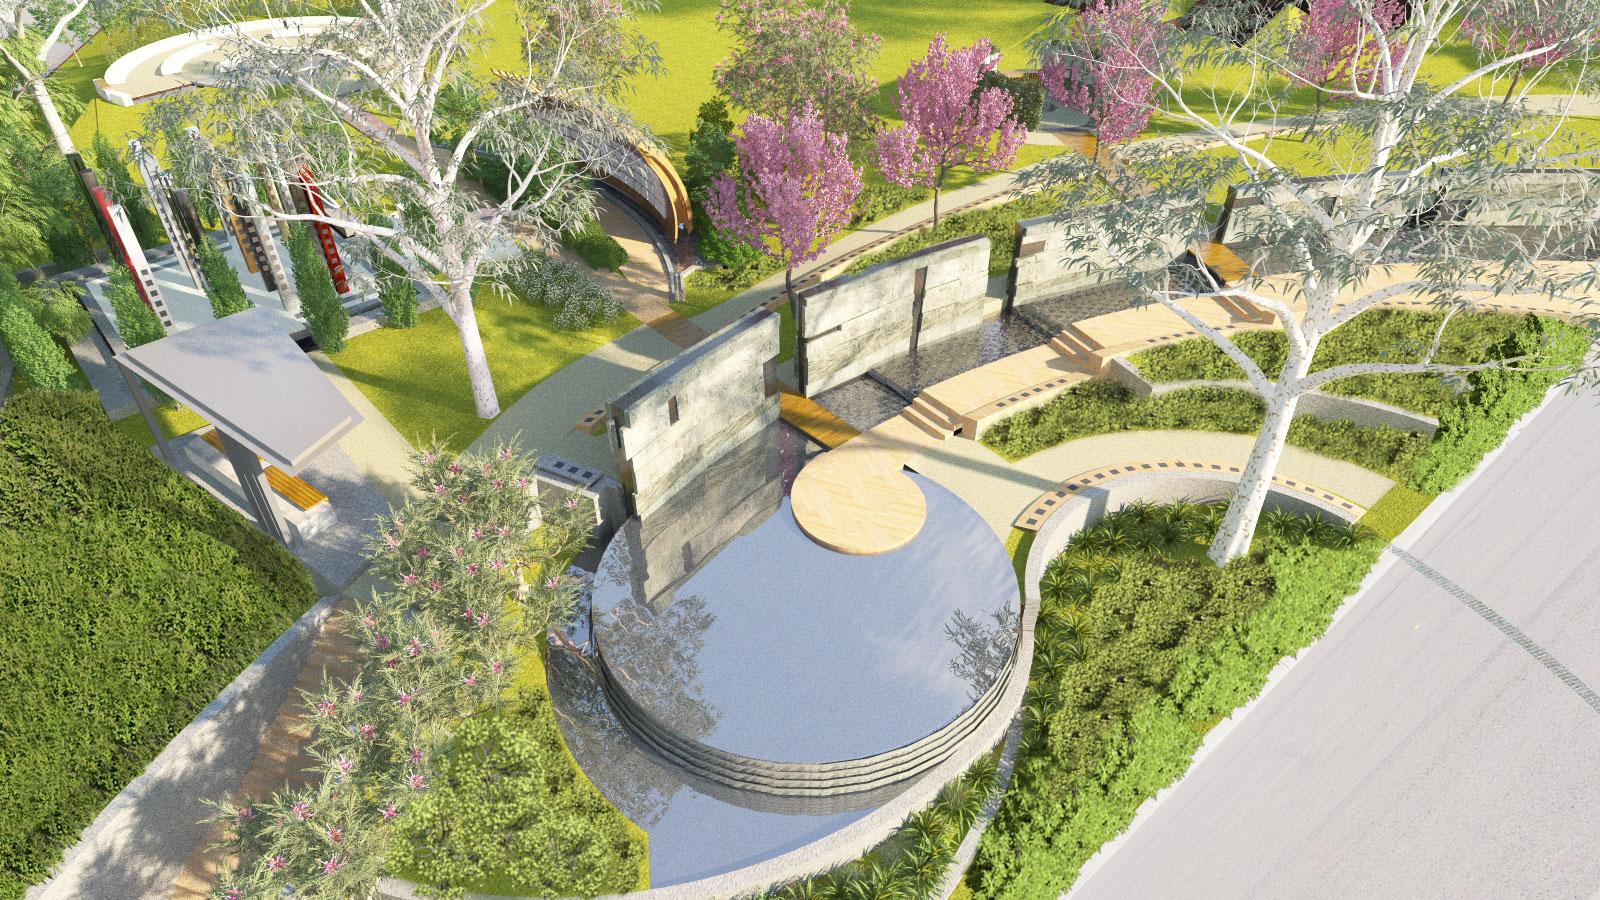 Sensory Gardens & Memorials Birds Eye View Architectural Render – Gardner Wetherill GW 1